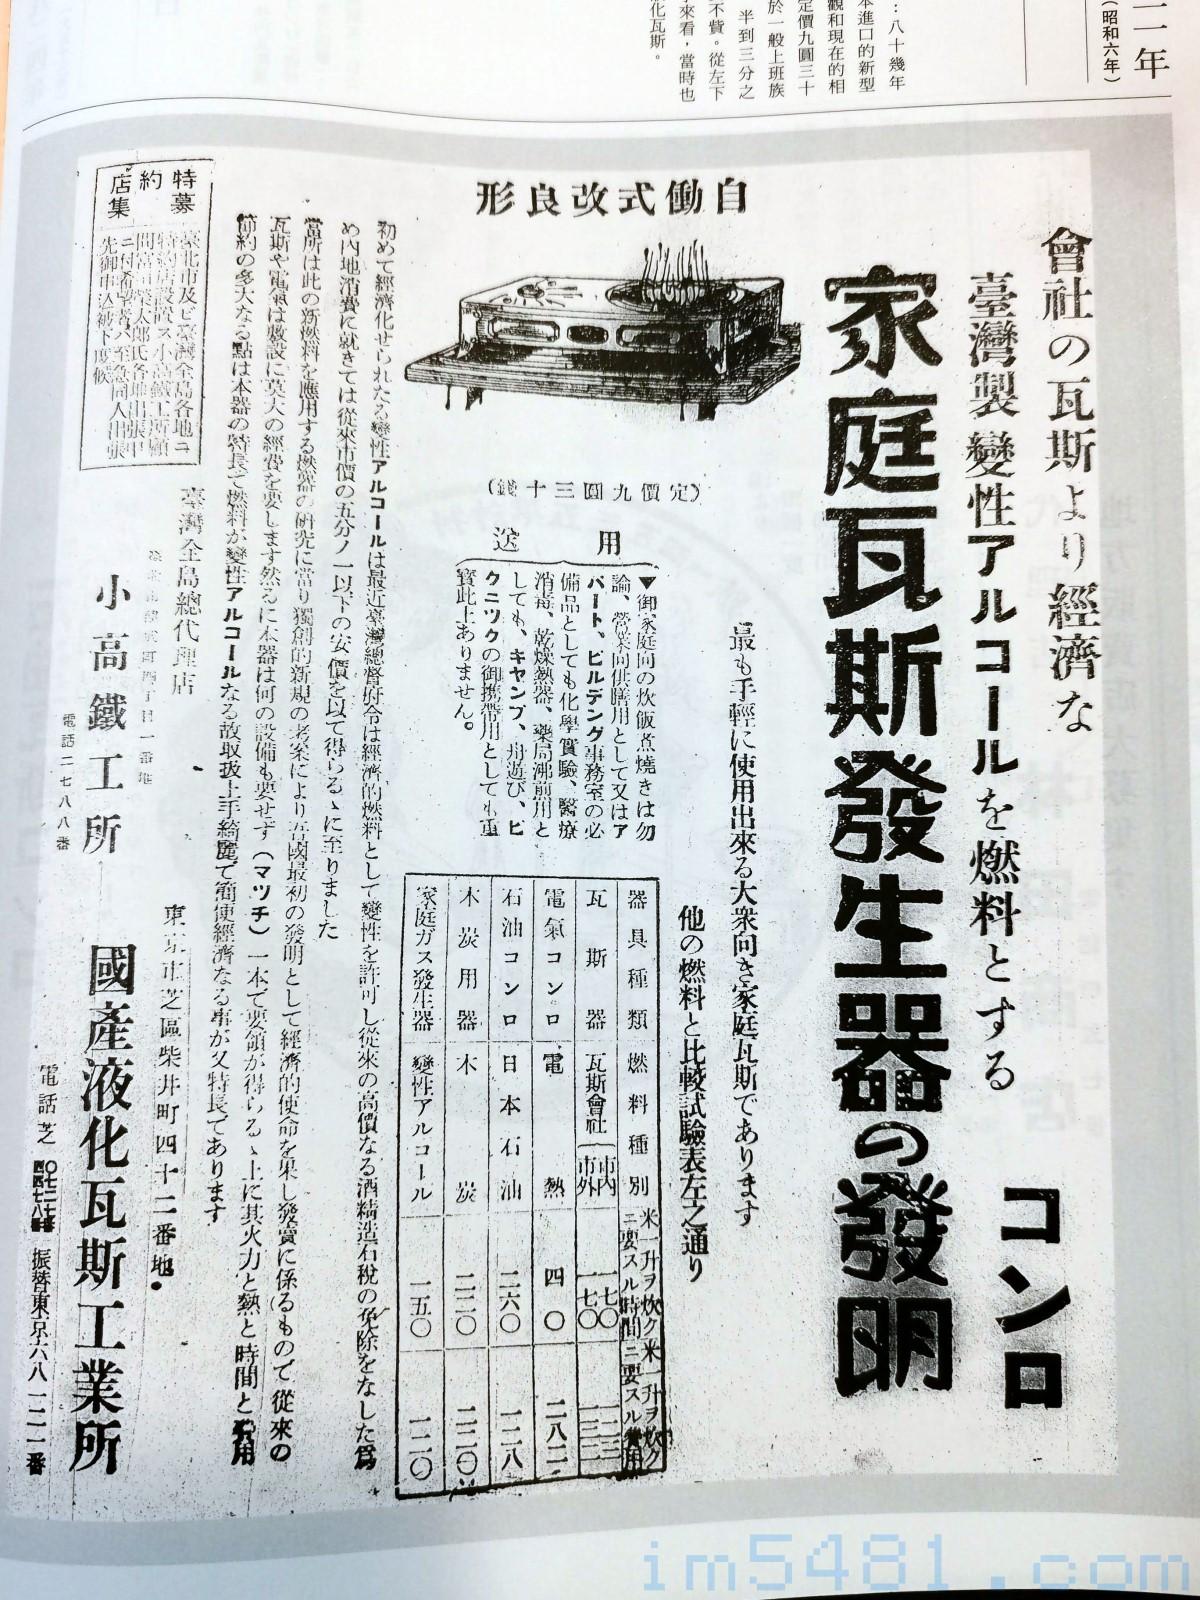 廣告表示 變性酒精家庭瓦斯發生器,使用的是變性アルコール(變性酒精),並說明煮飯的時間跟費用比較表 資料來源: 廣告表示: 作者: 陳柔縉